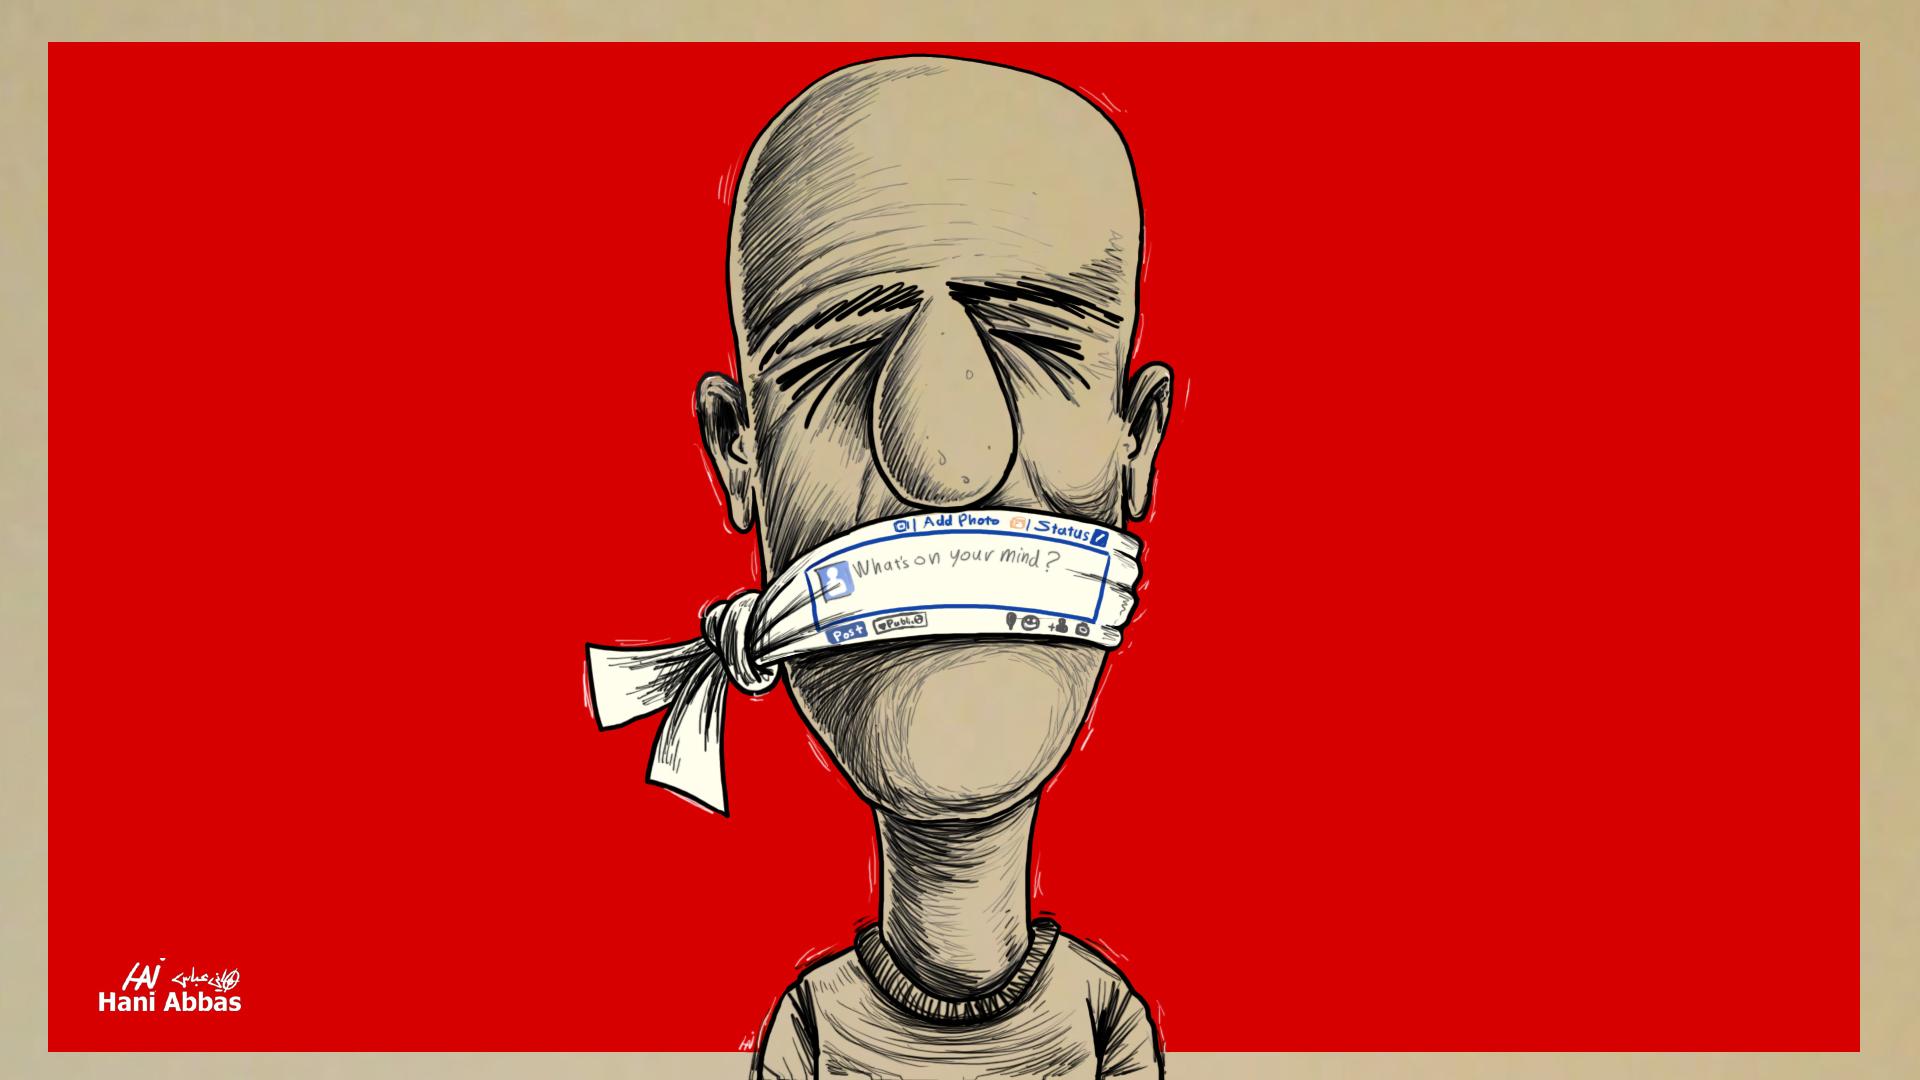 هاني عباس - موقع قلم رصاص